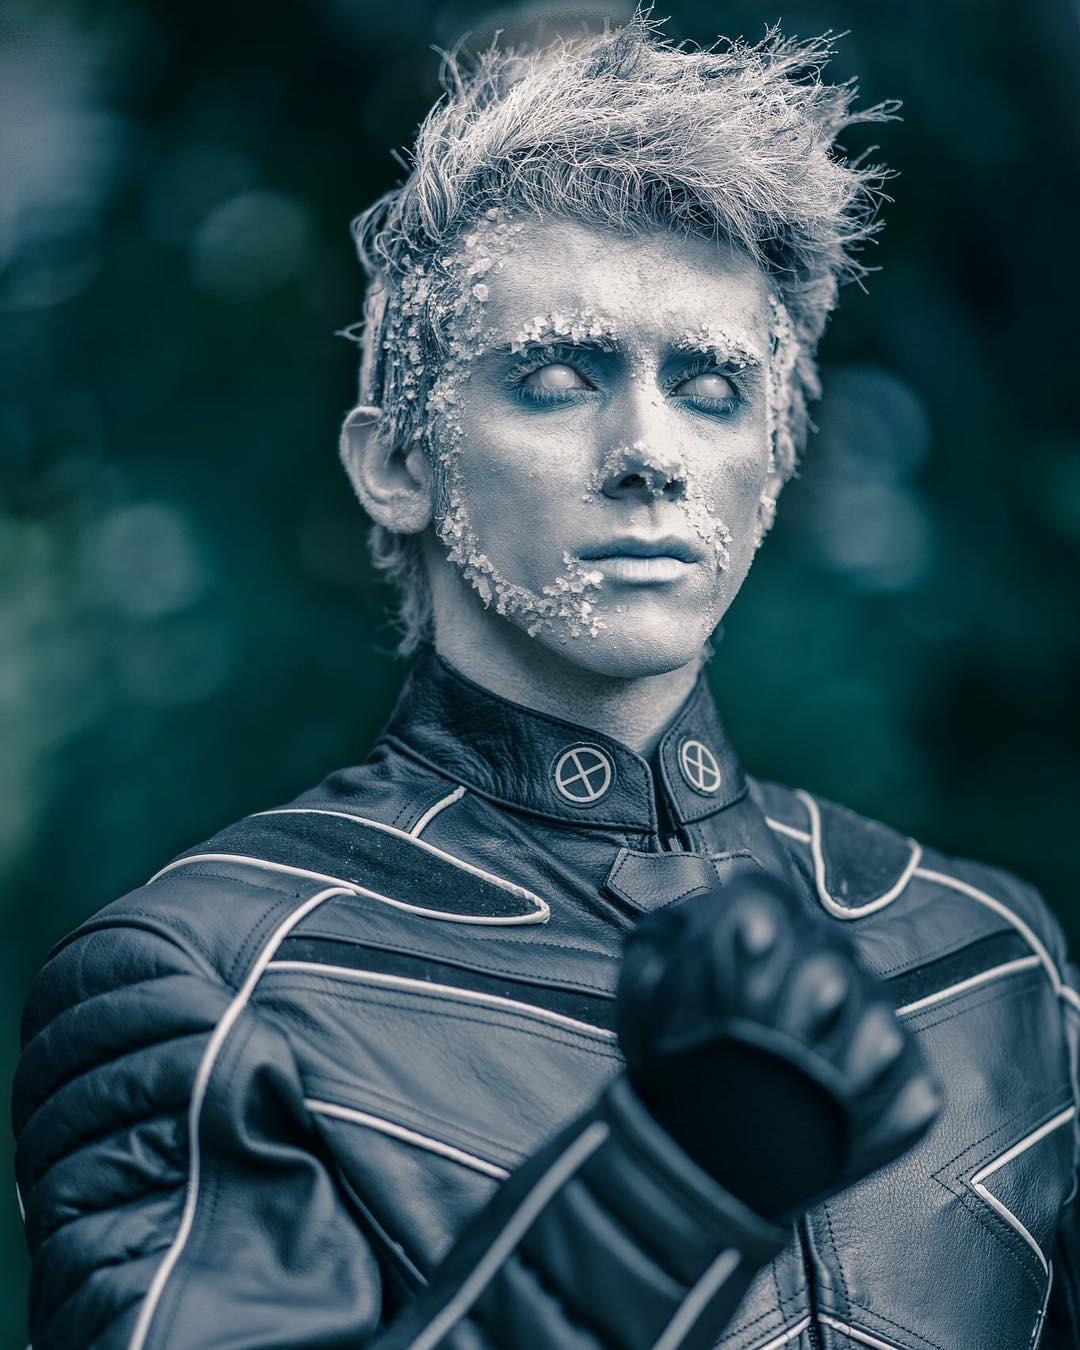 Iceman by chrisvillain – photo by Yorkinabox